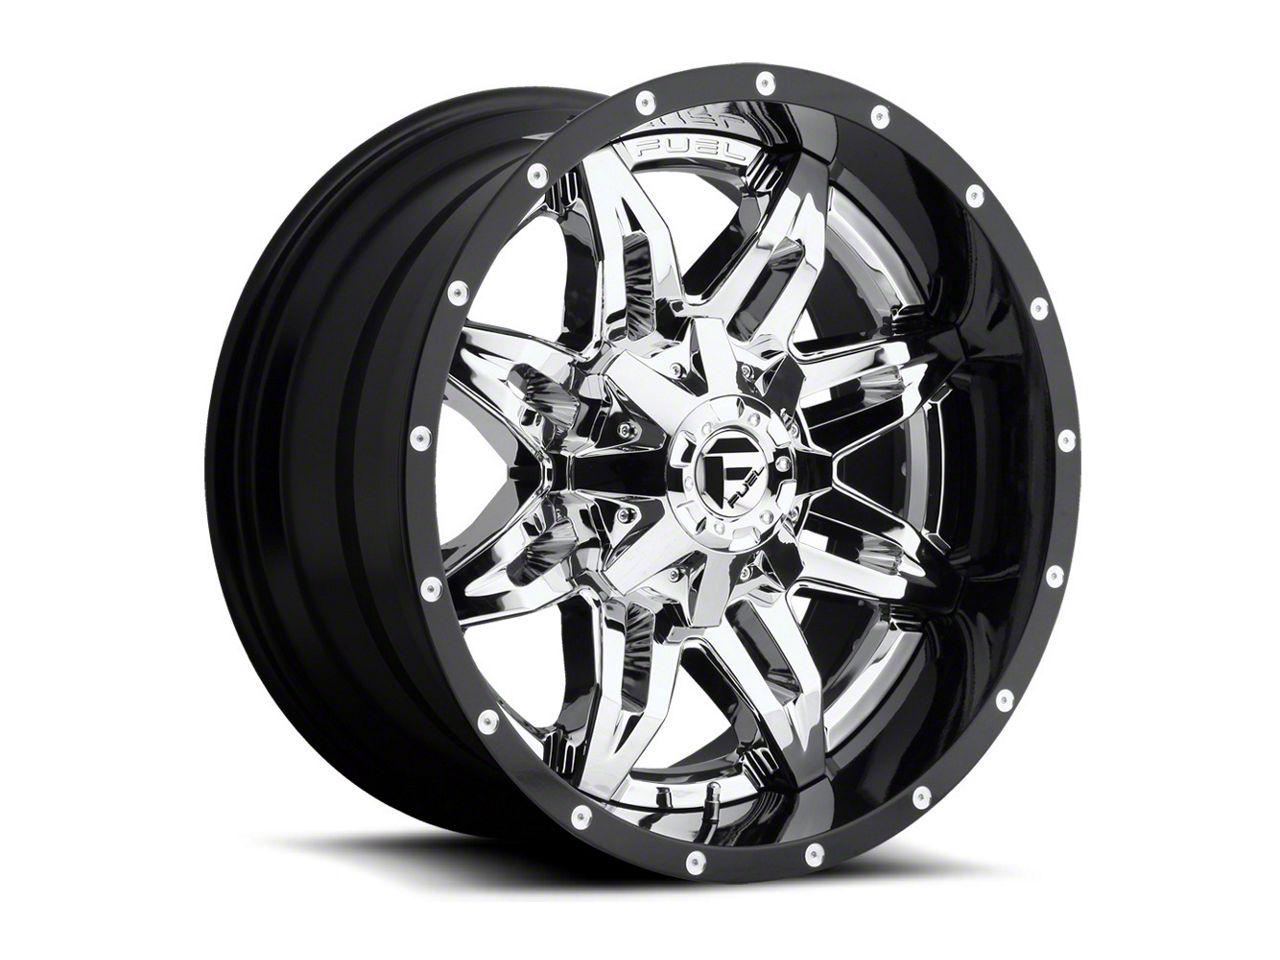 Fuel Wheels Lethal Chrome 6-Lug Wheel - 22x12 (07-18 Sierra 1500)